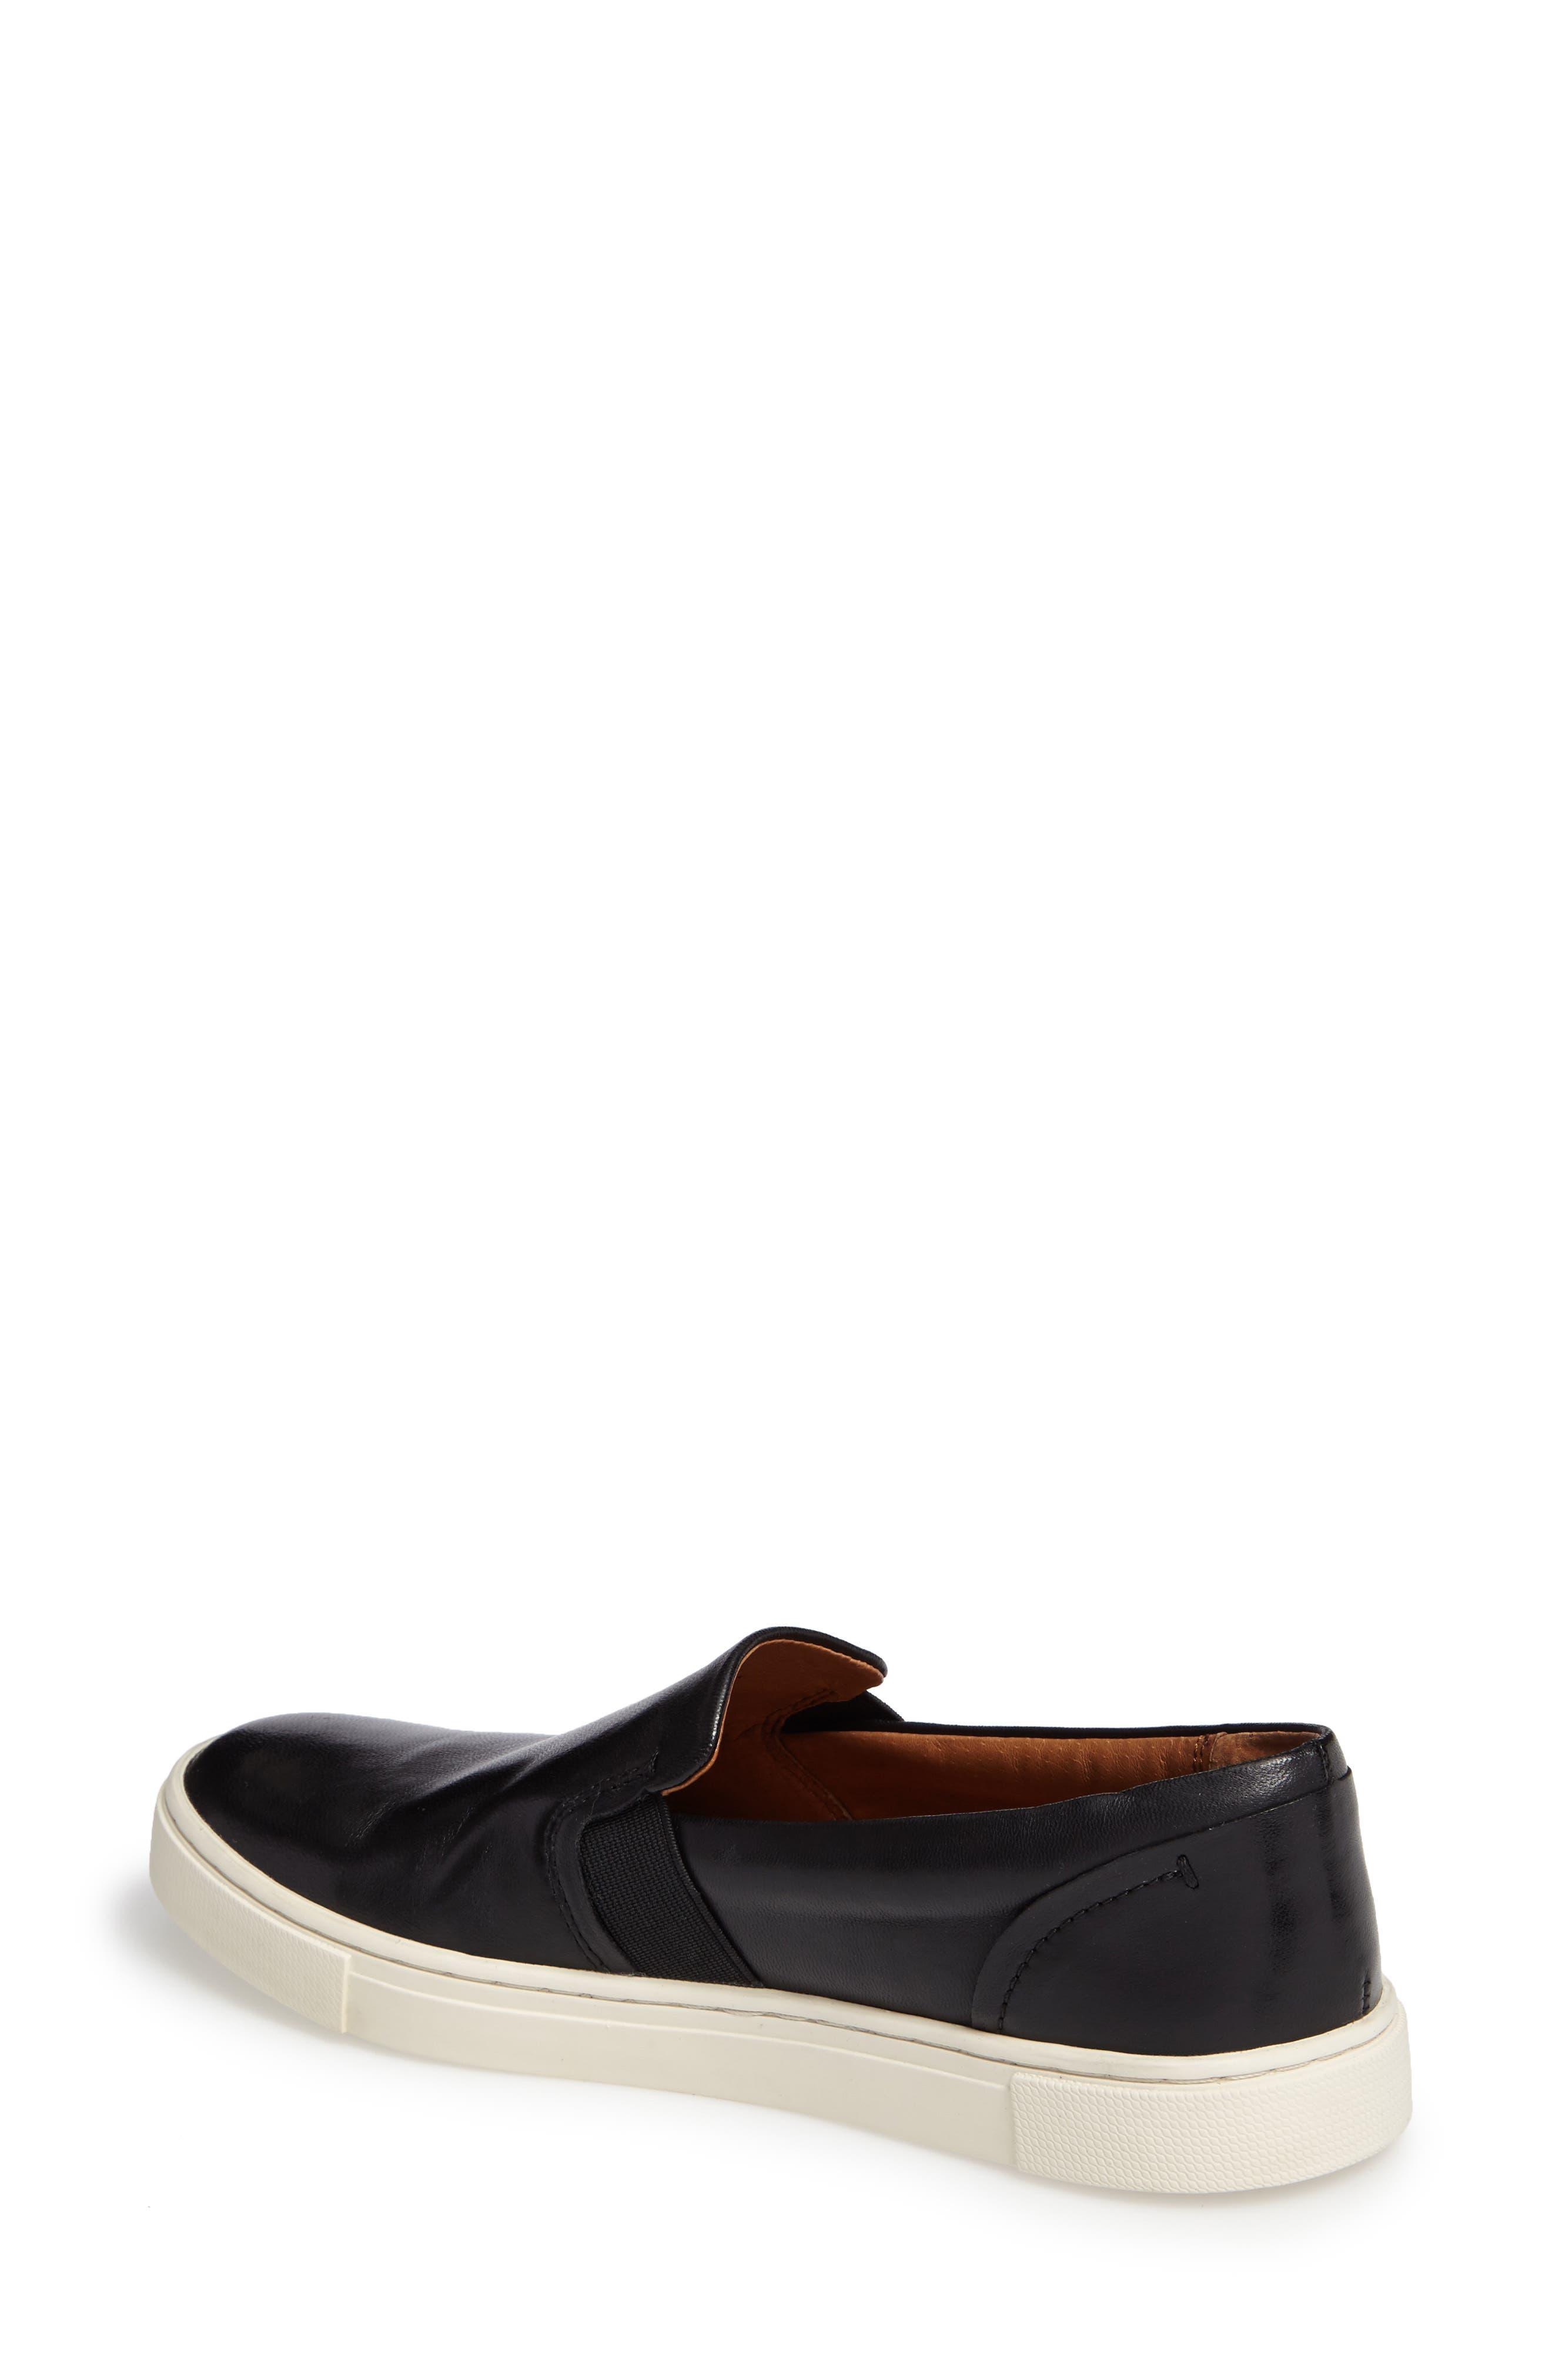 FRYE, Ivy Slip-On Sneaker, Alternate thumbnail 2, color, BLACK/ BLACK